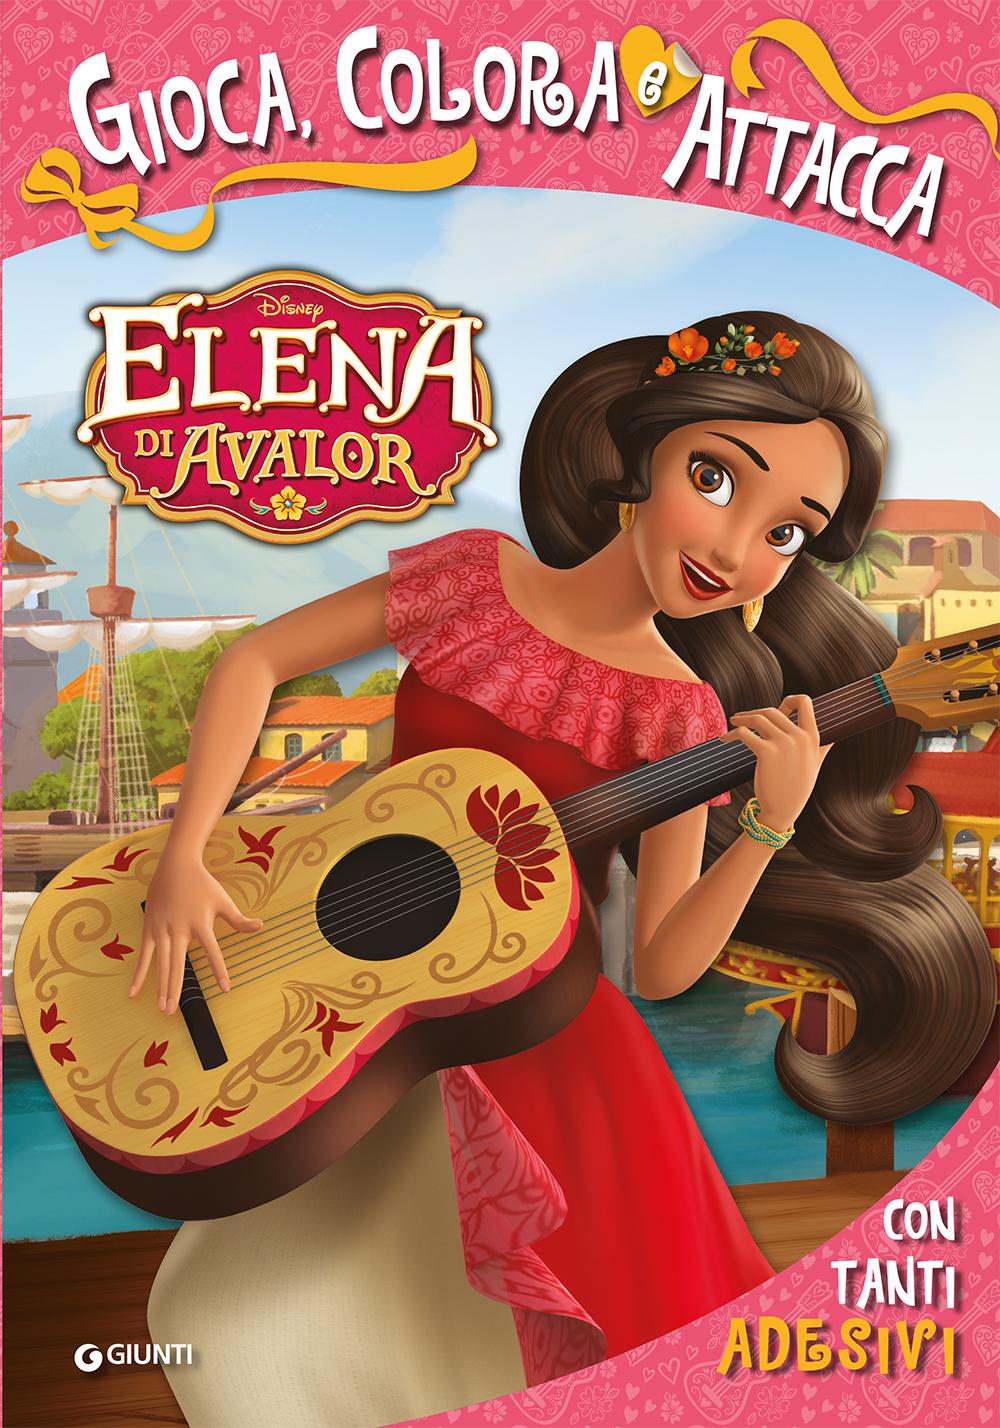 Attacca le Principesse - Elena di Avalor. Gioca, Colora e Attacca